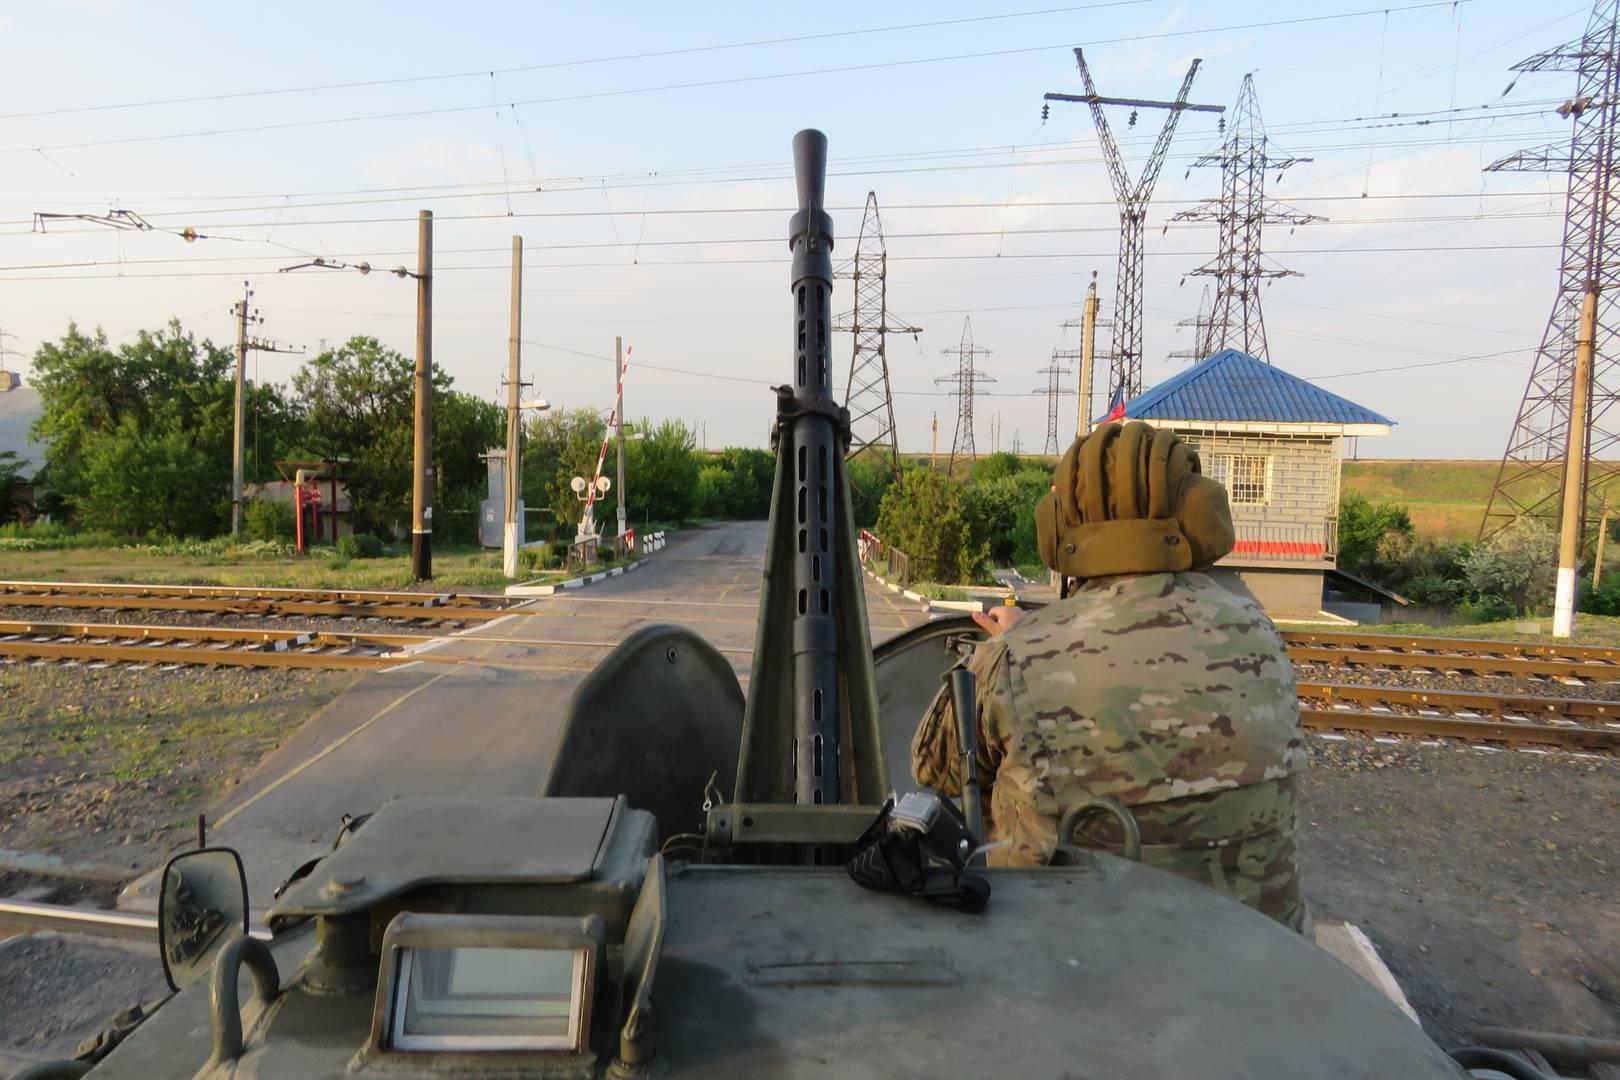 Вид с крыши БТР «Болгарин» отряда «Суть времени». Май 2018 г.